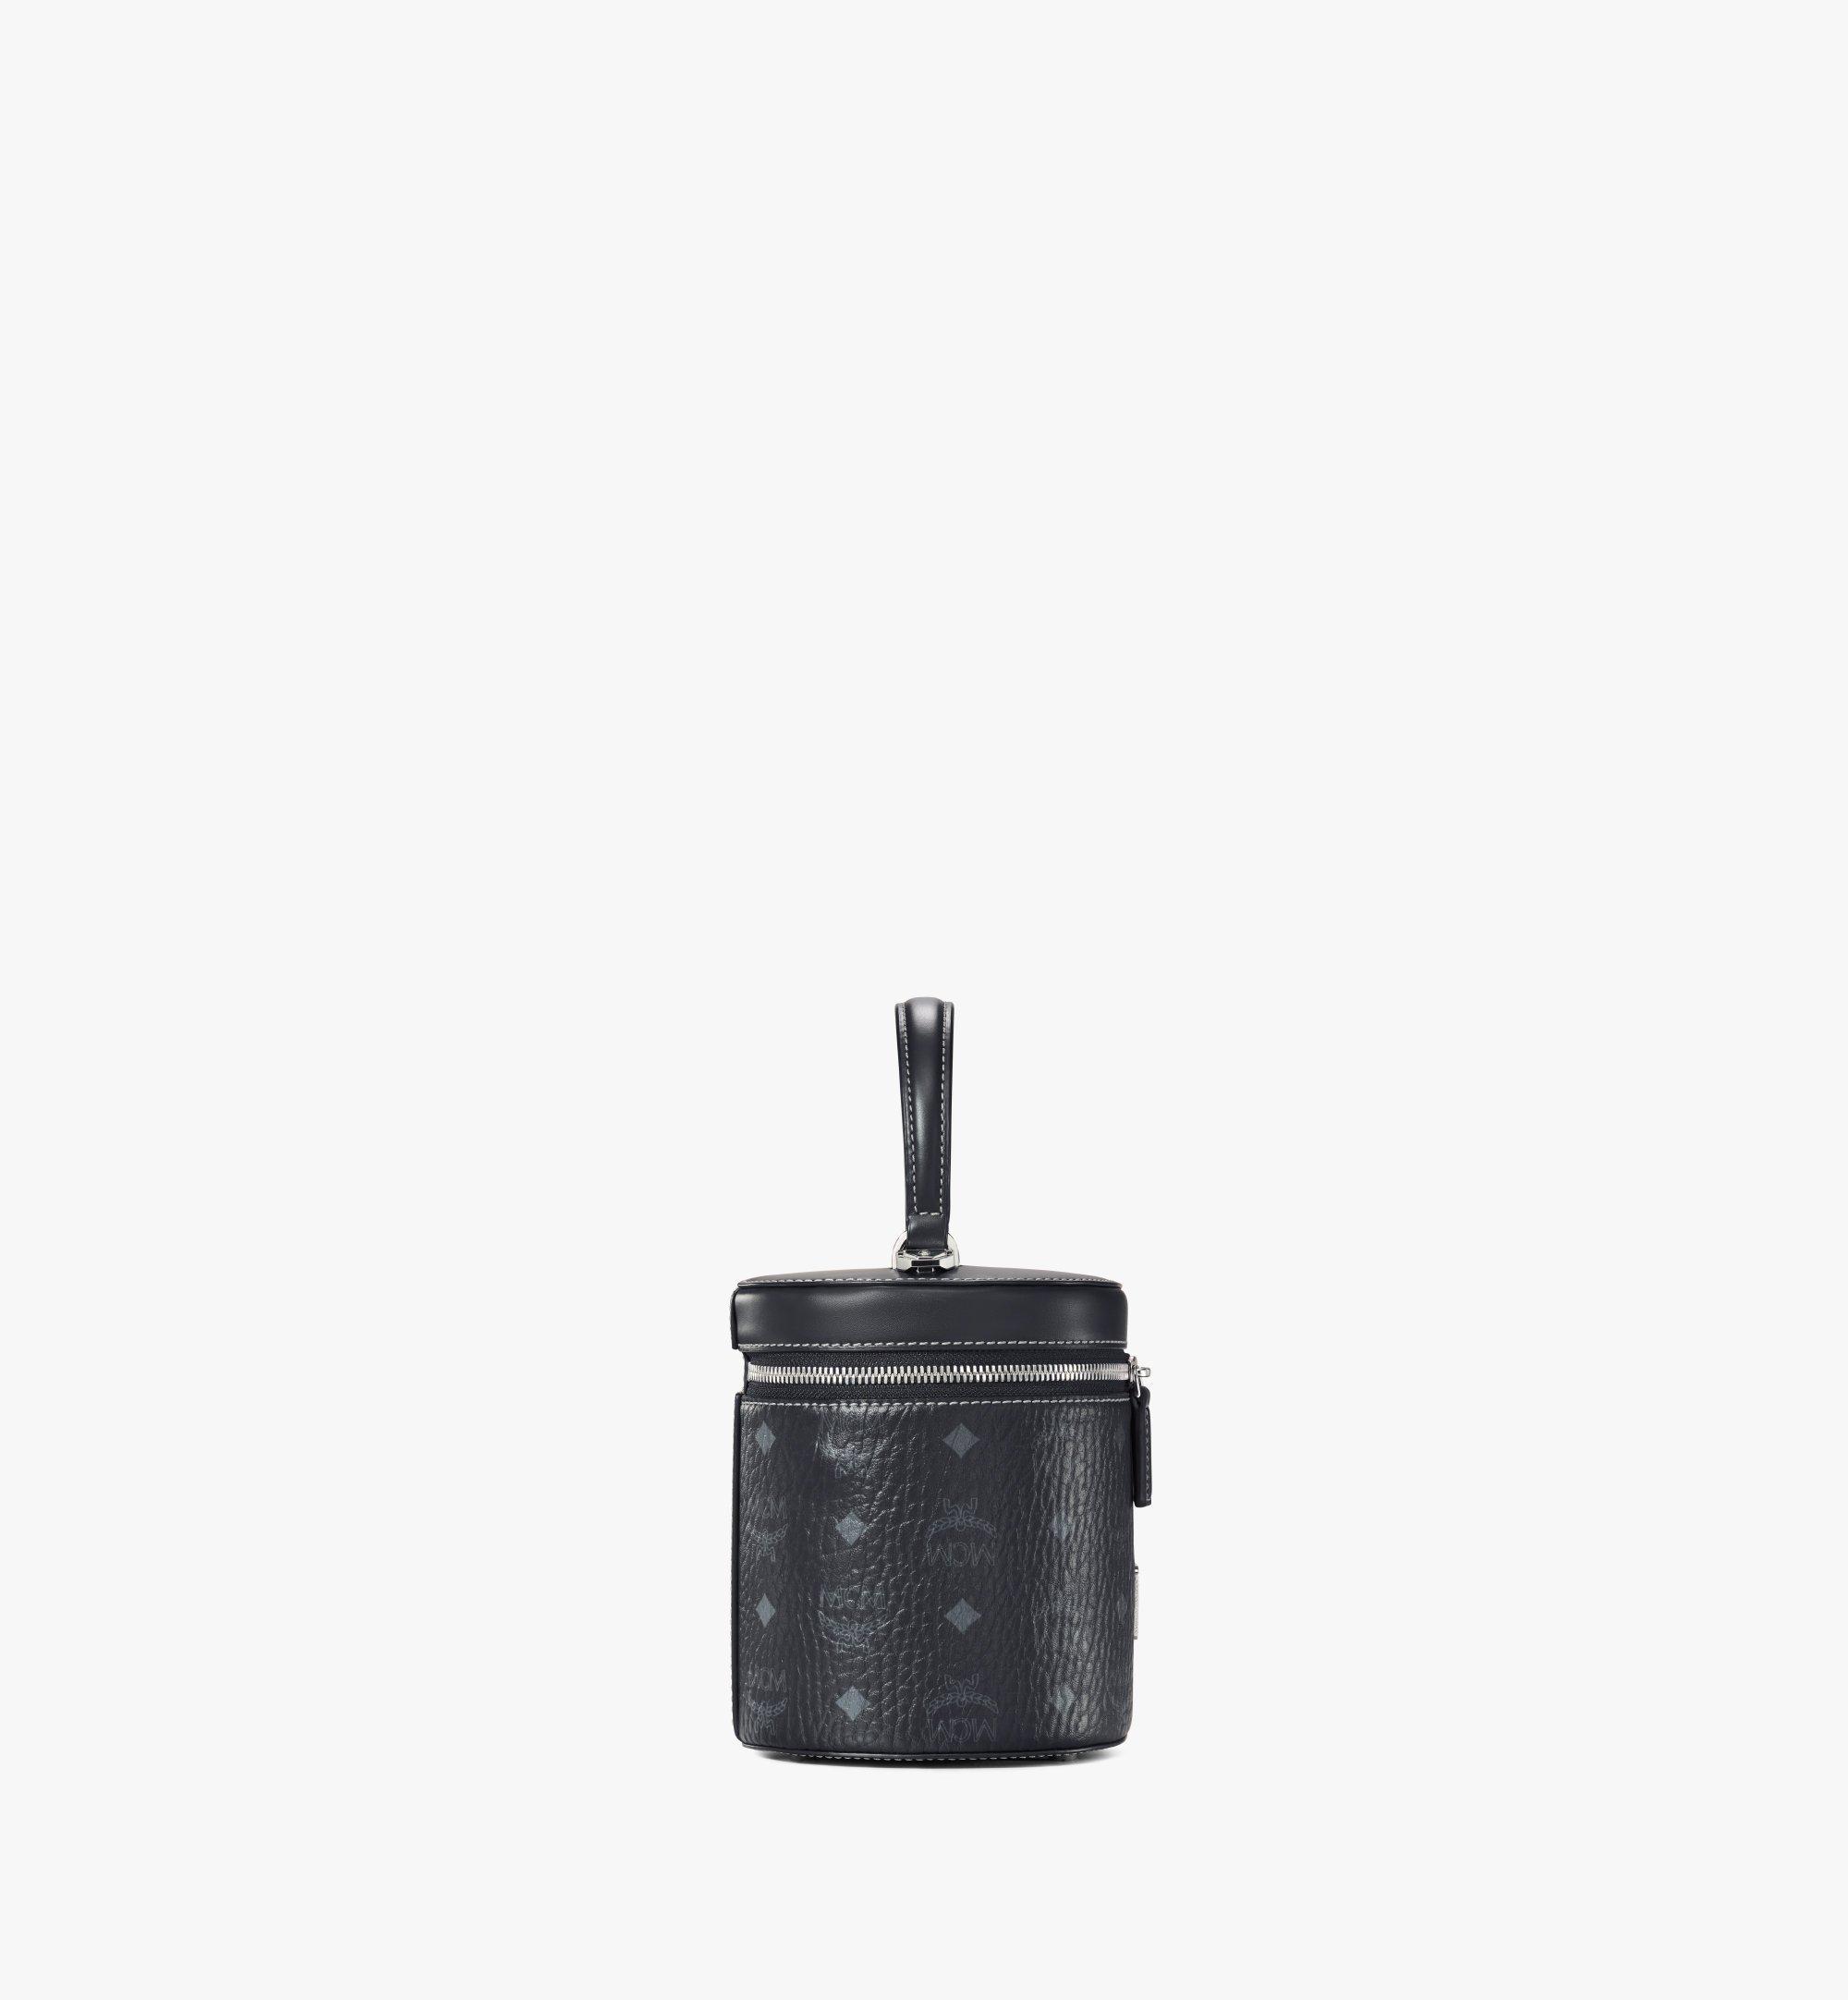 MCM Zylinderförmige Crossbody-Tasche in Visetos Black MWRAACG01BK001 Noch mehr sehen 1